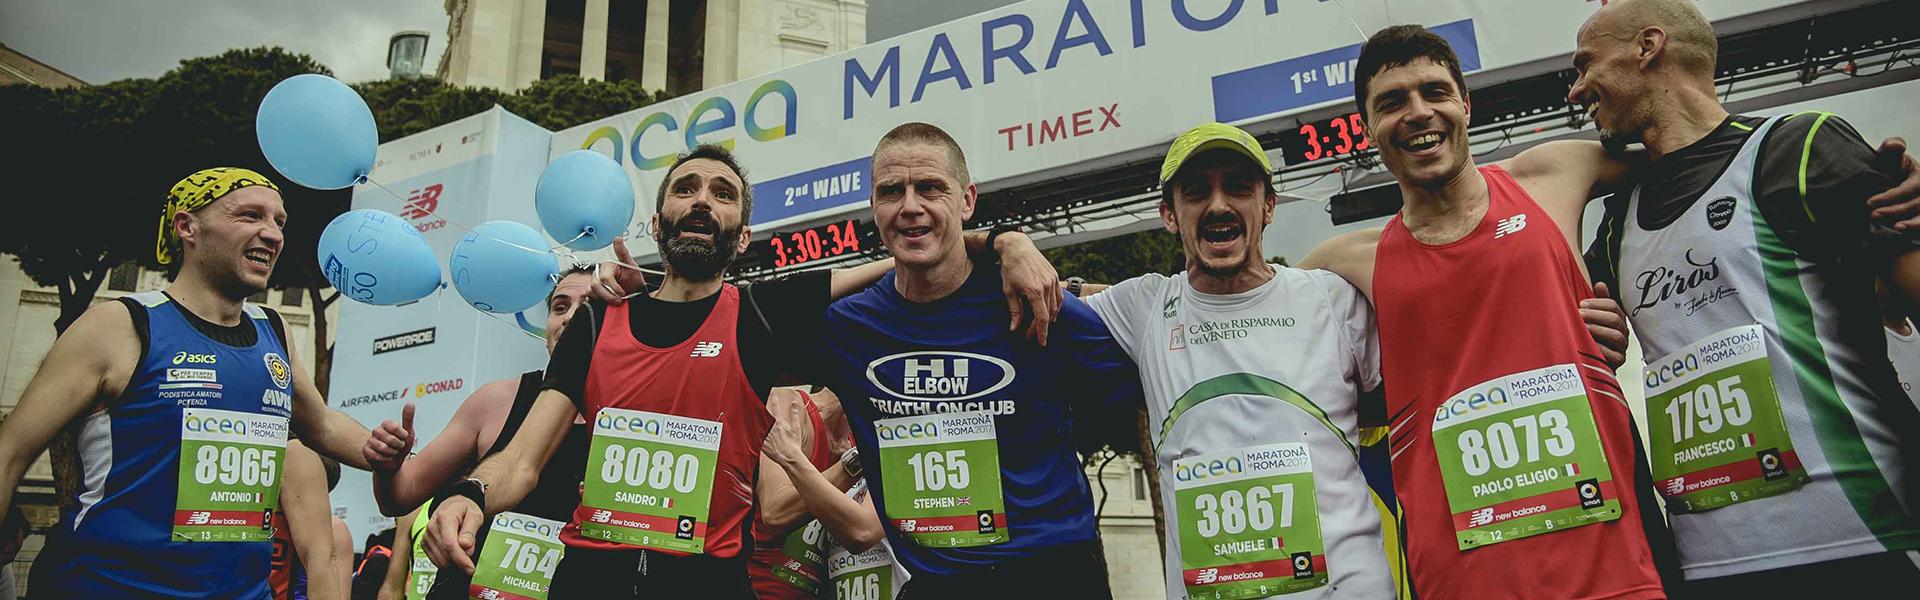 C'è anche Daniele Caimmi tra i 145 pacer internazionali dell'Acea Run Rome The Marathon